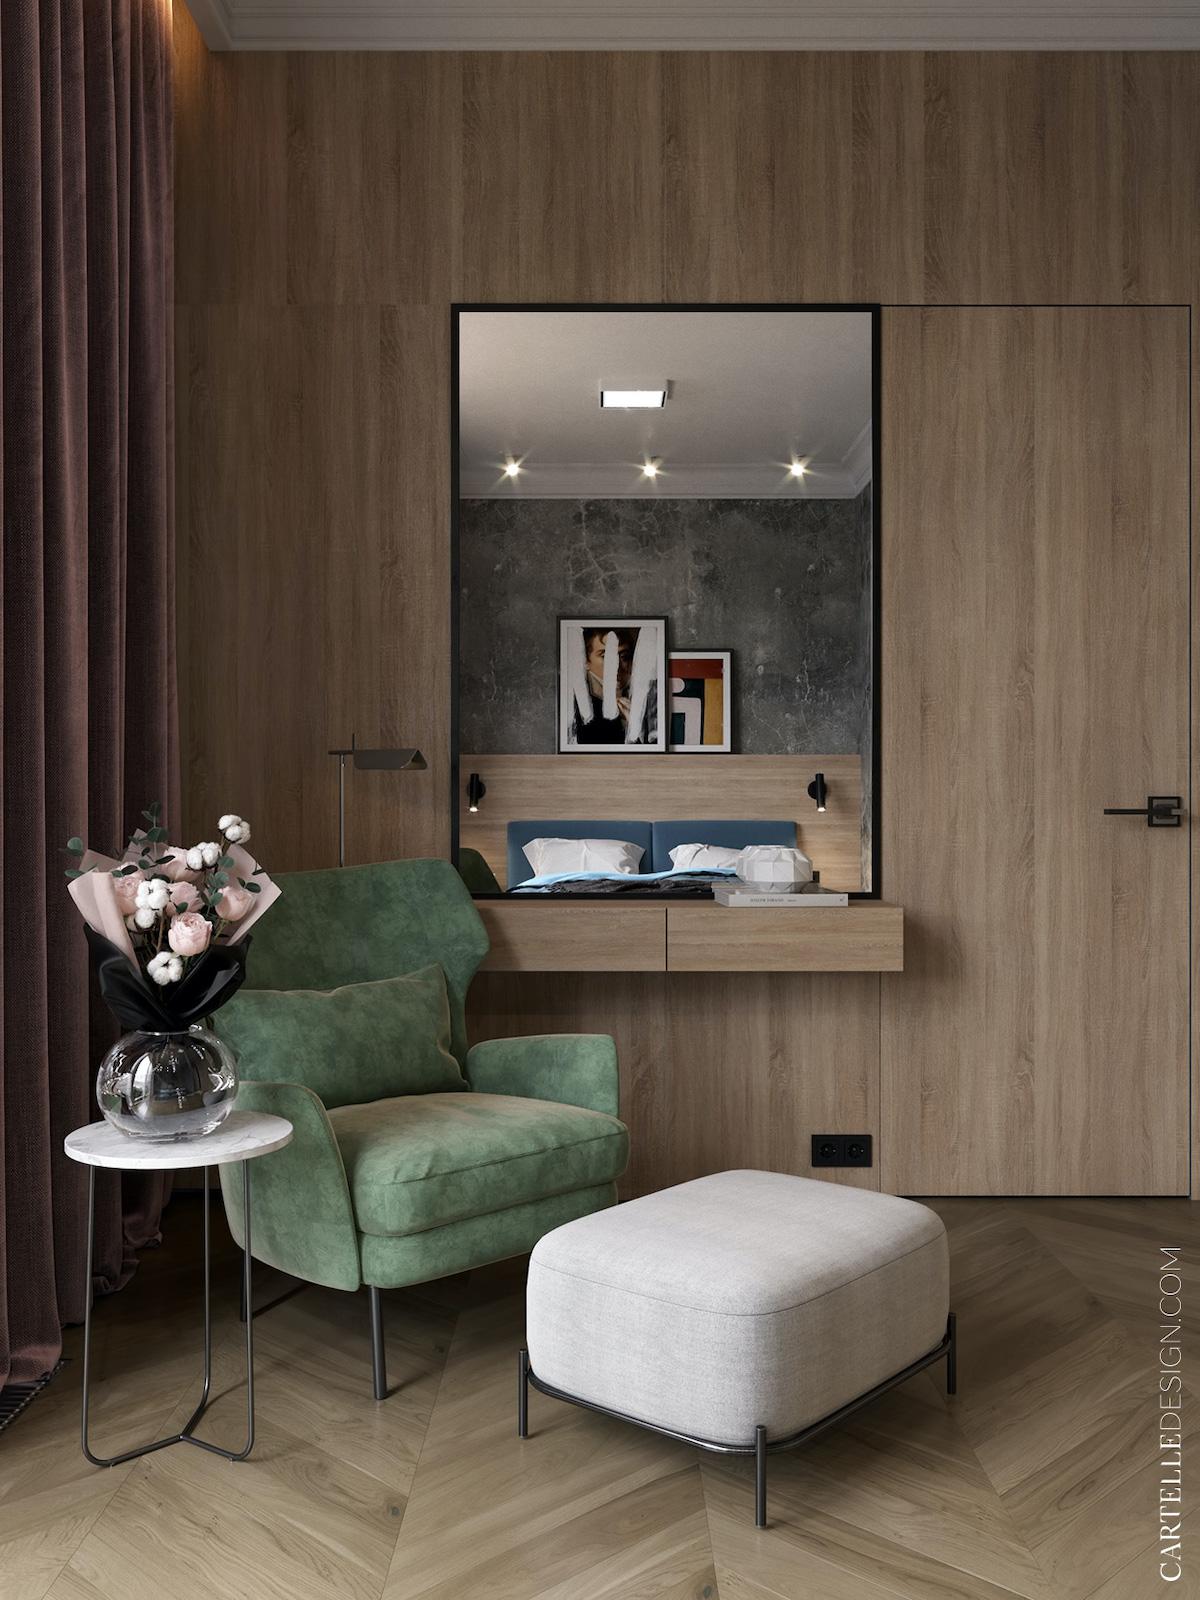 chambre parent comme hôtel bois revêtement coin fauteuil relaxation velours vert coffrage